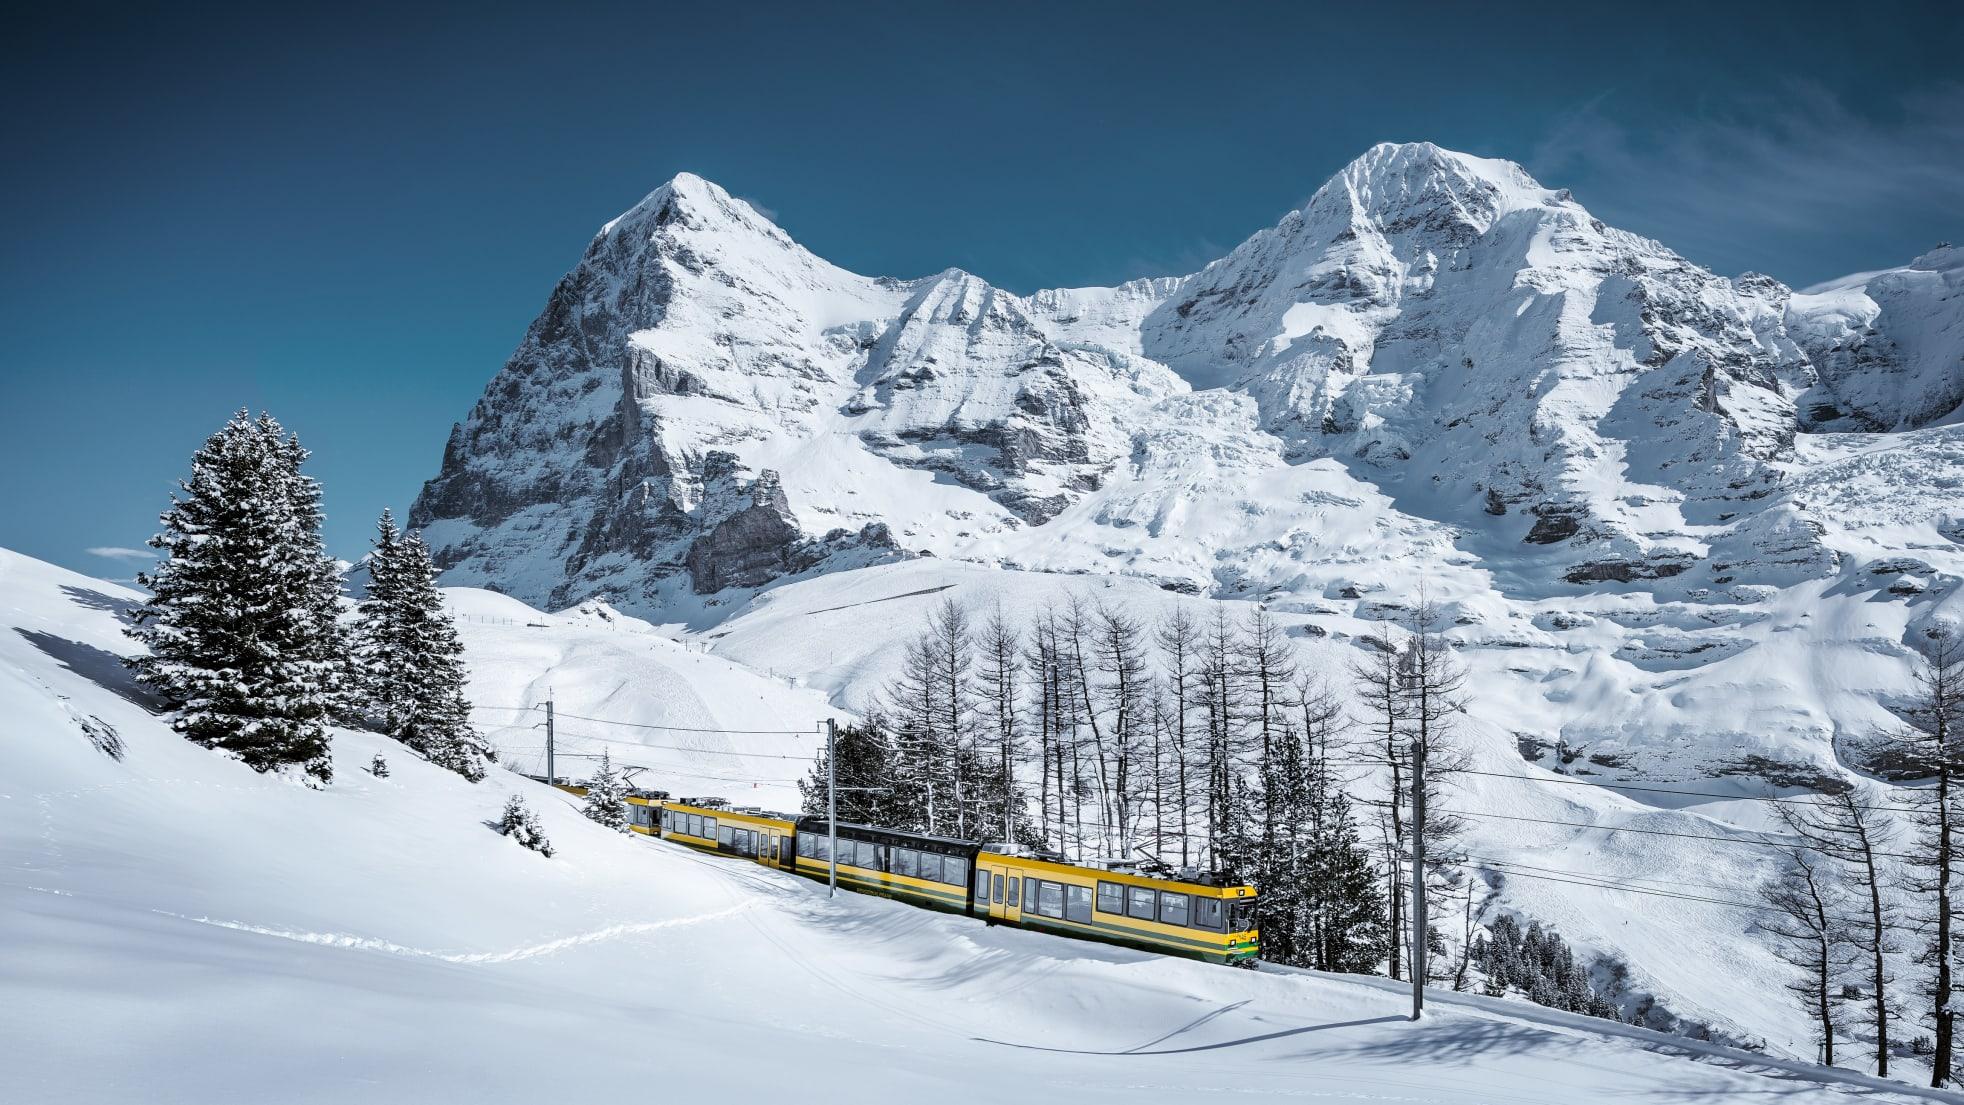 Bilddatenbank-Eiger-Nordwand, Bilddatenbank-Moench, Bilddatenbank-Stichworte, Bilddatenbank-Top, Bilddatenbank-Wengernalpbahn, Bilddatenbank-Winter